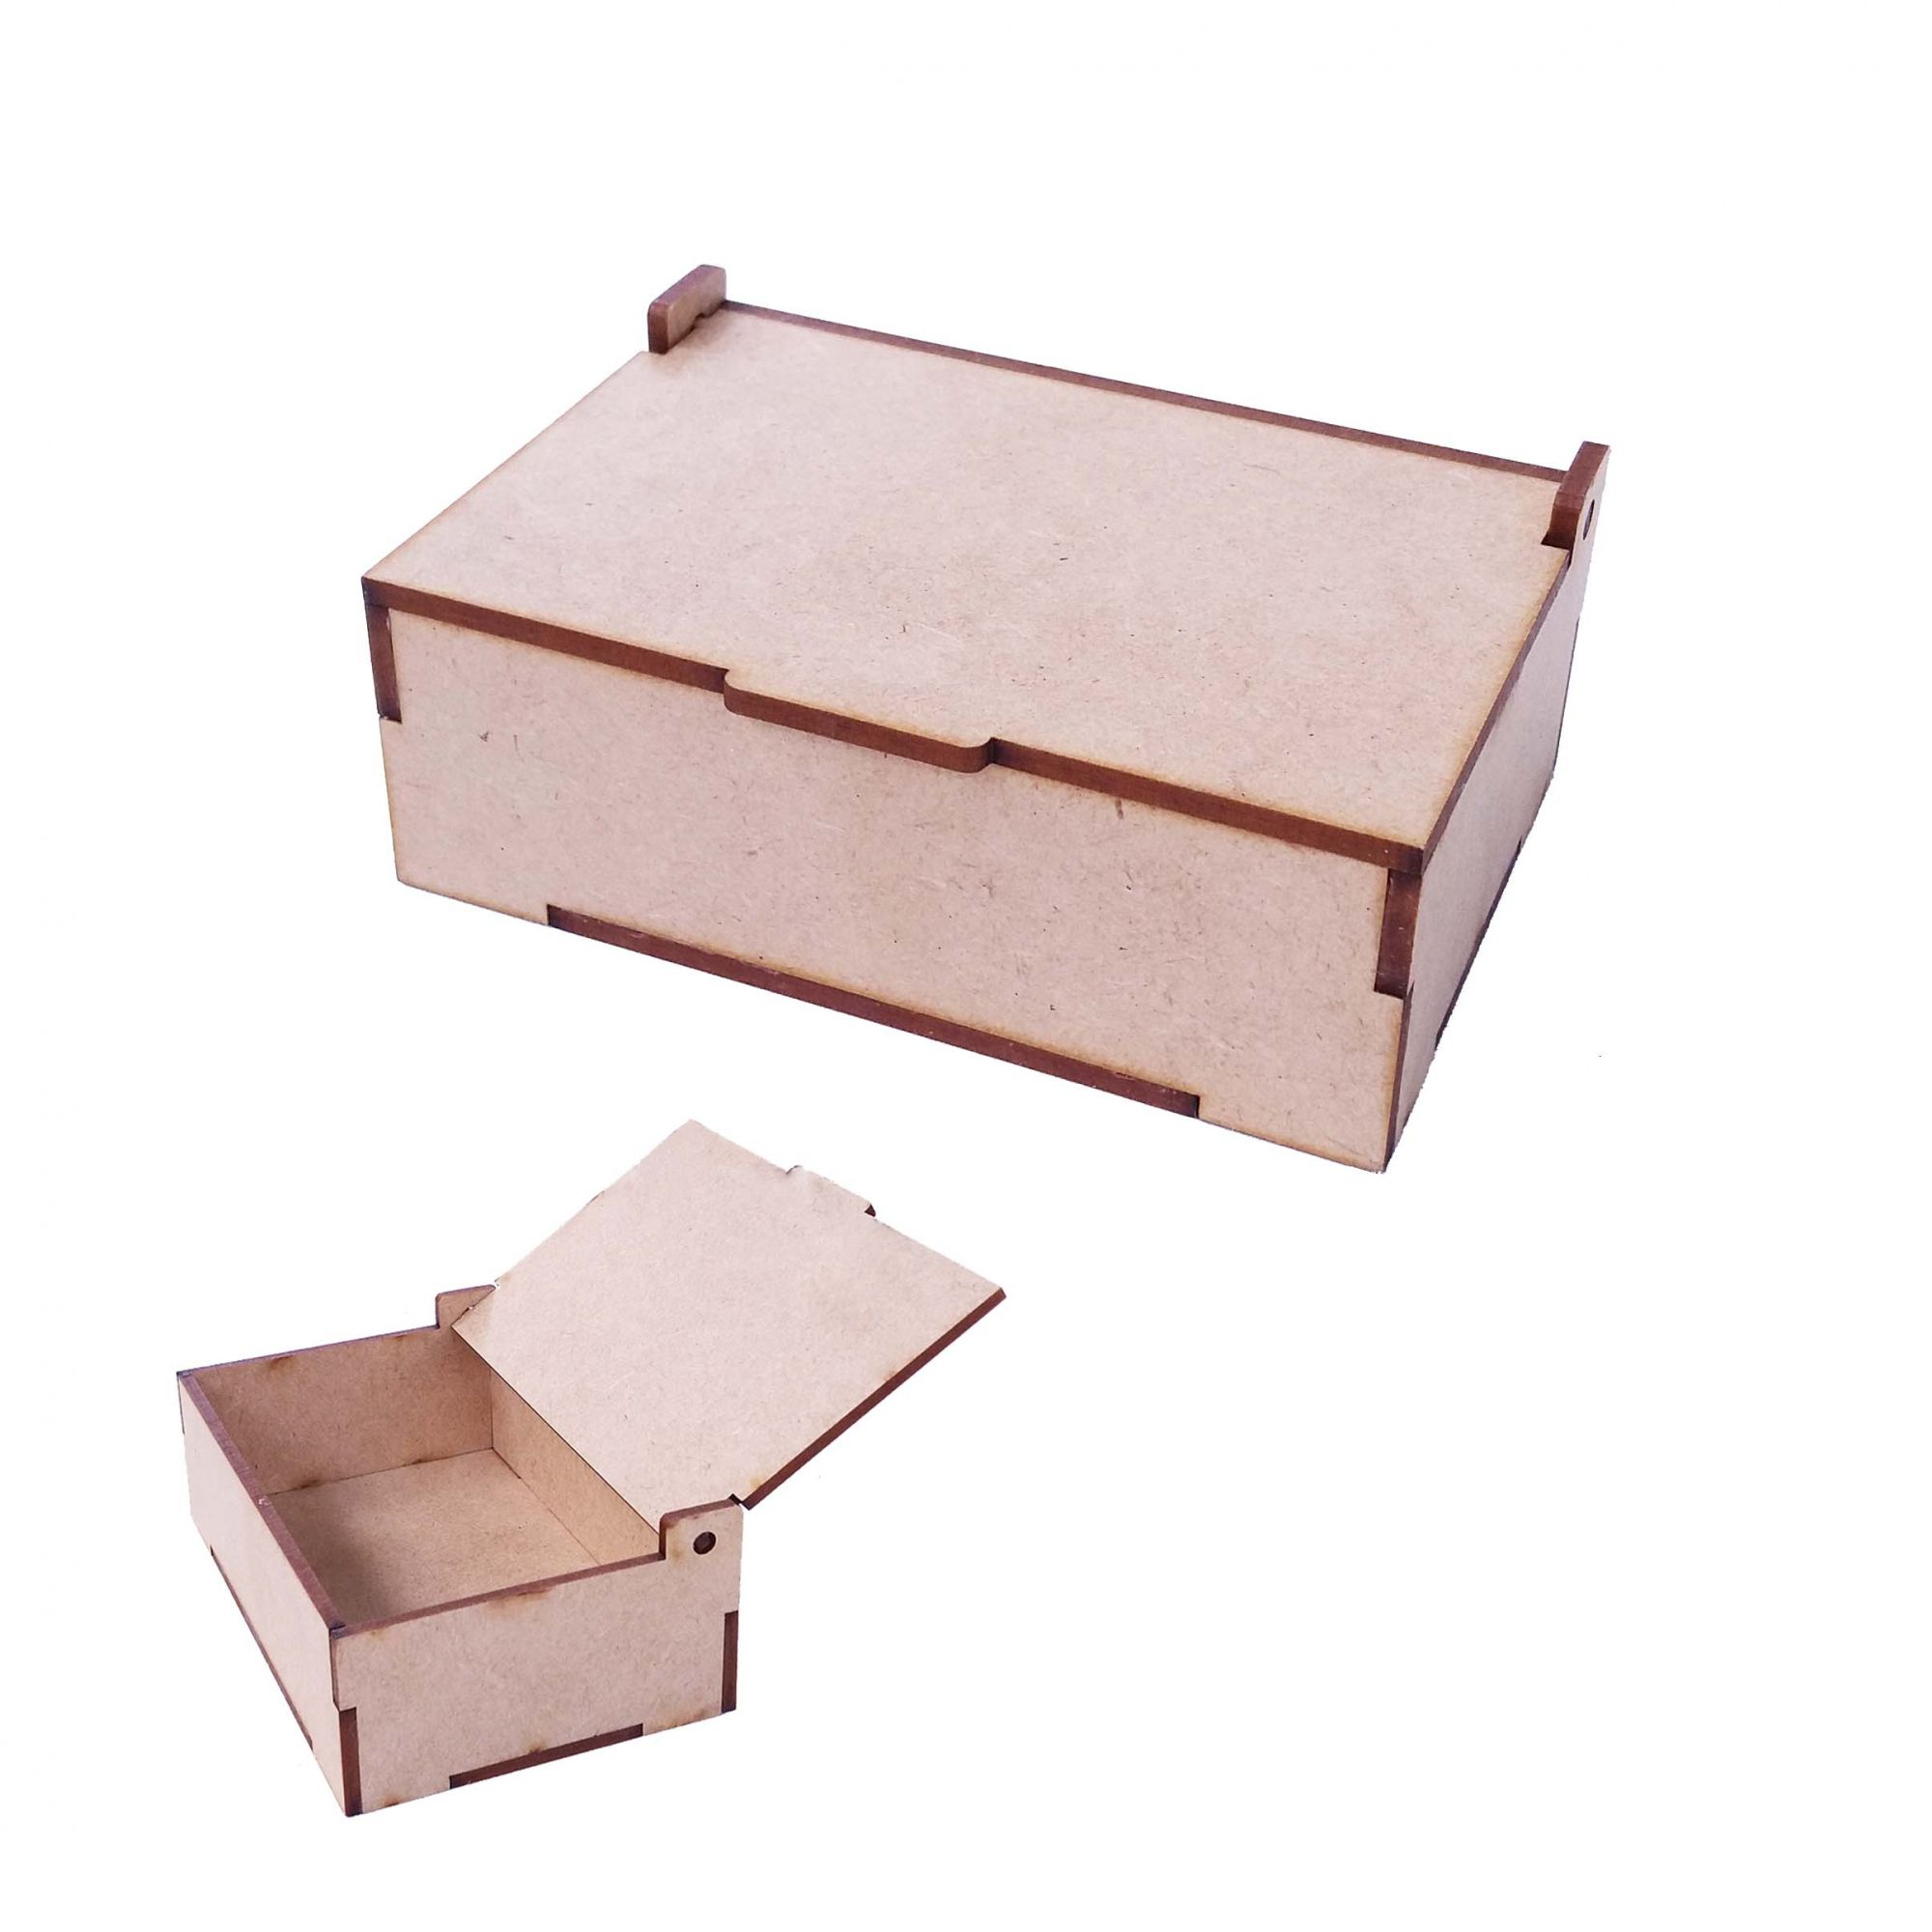 Kit 10 Caixa caixinha mdf 20 x 15 x 10cm tampa articulada